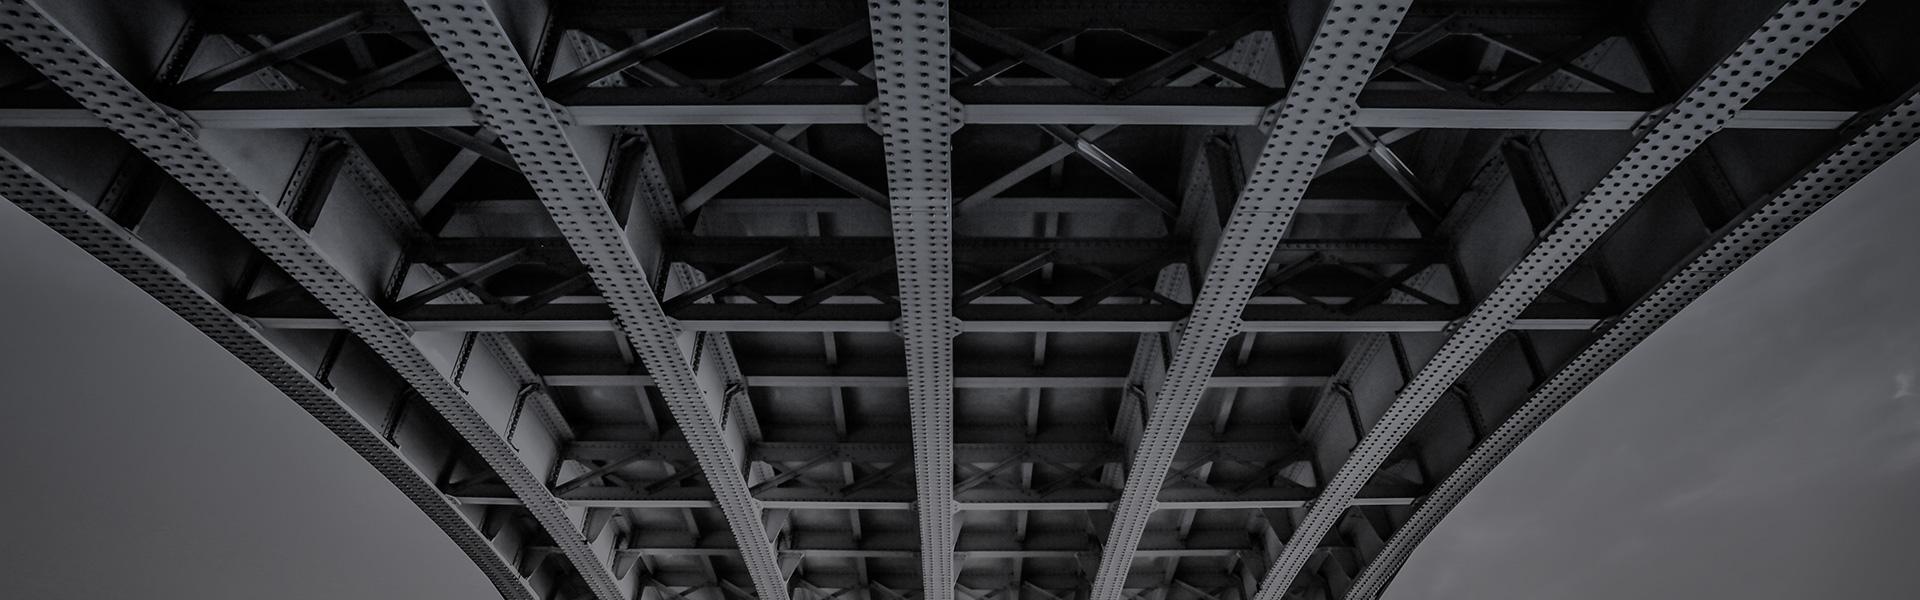 Ingegneria strutturale